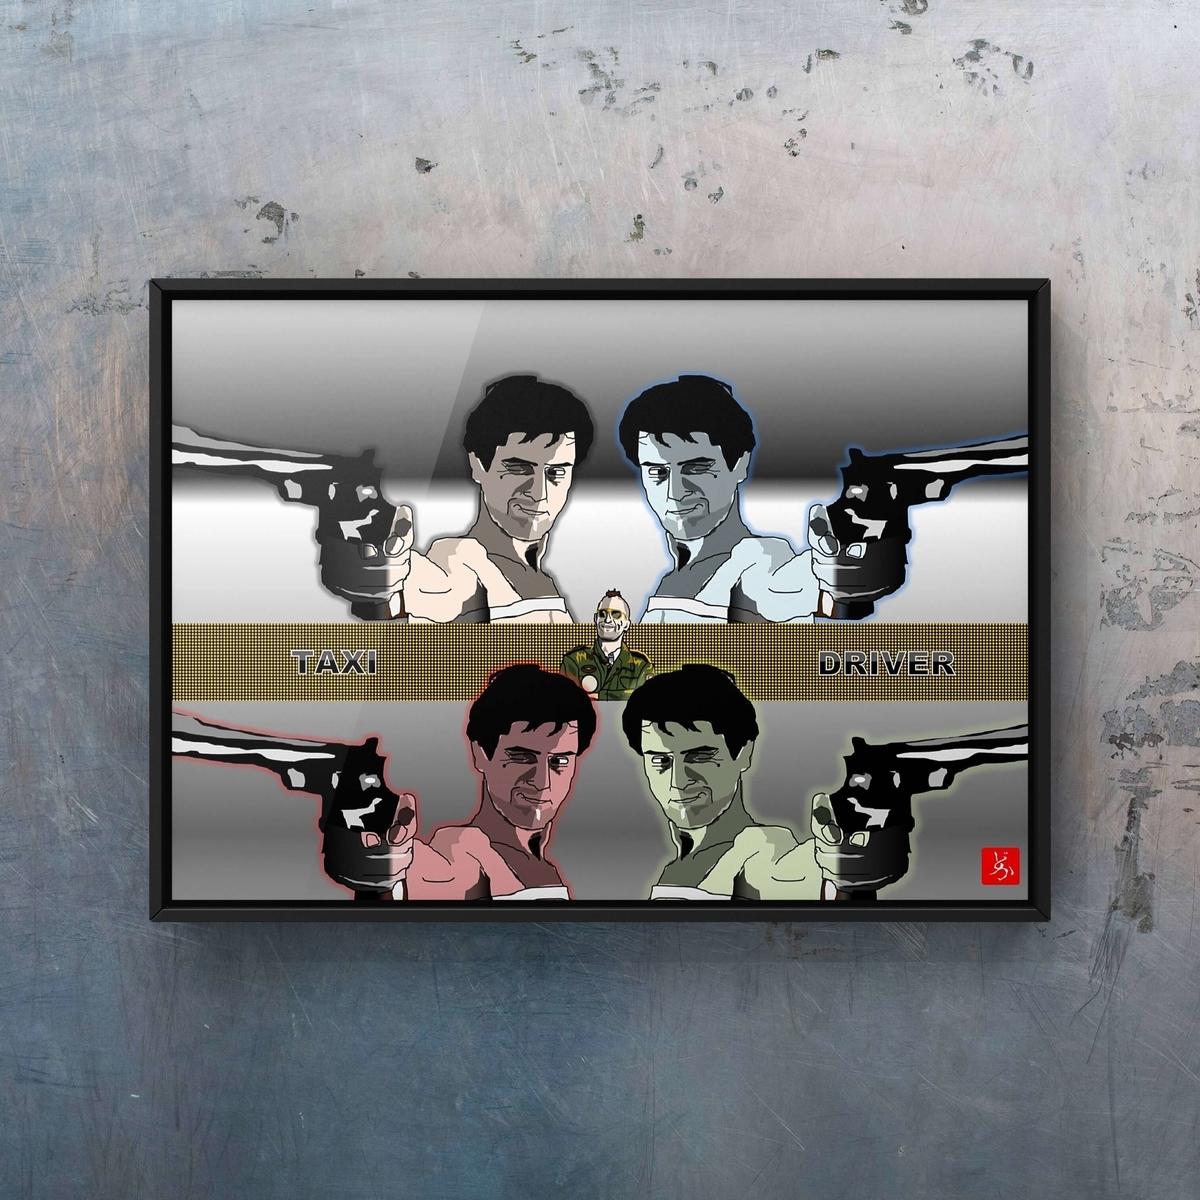 映画「タクシー・ドライバー」のロバート・デニーロのエクセル画イラストバリエーション